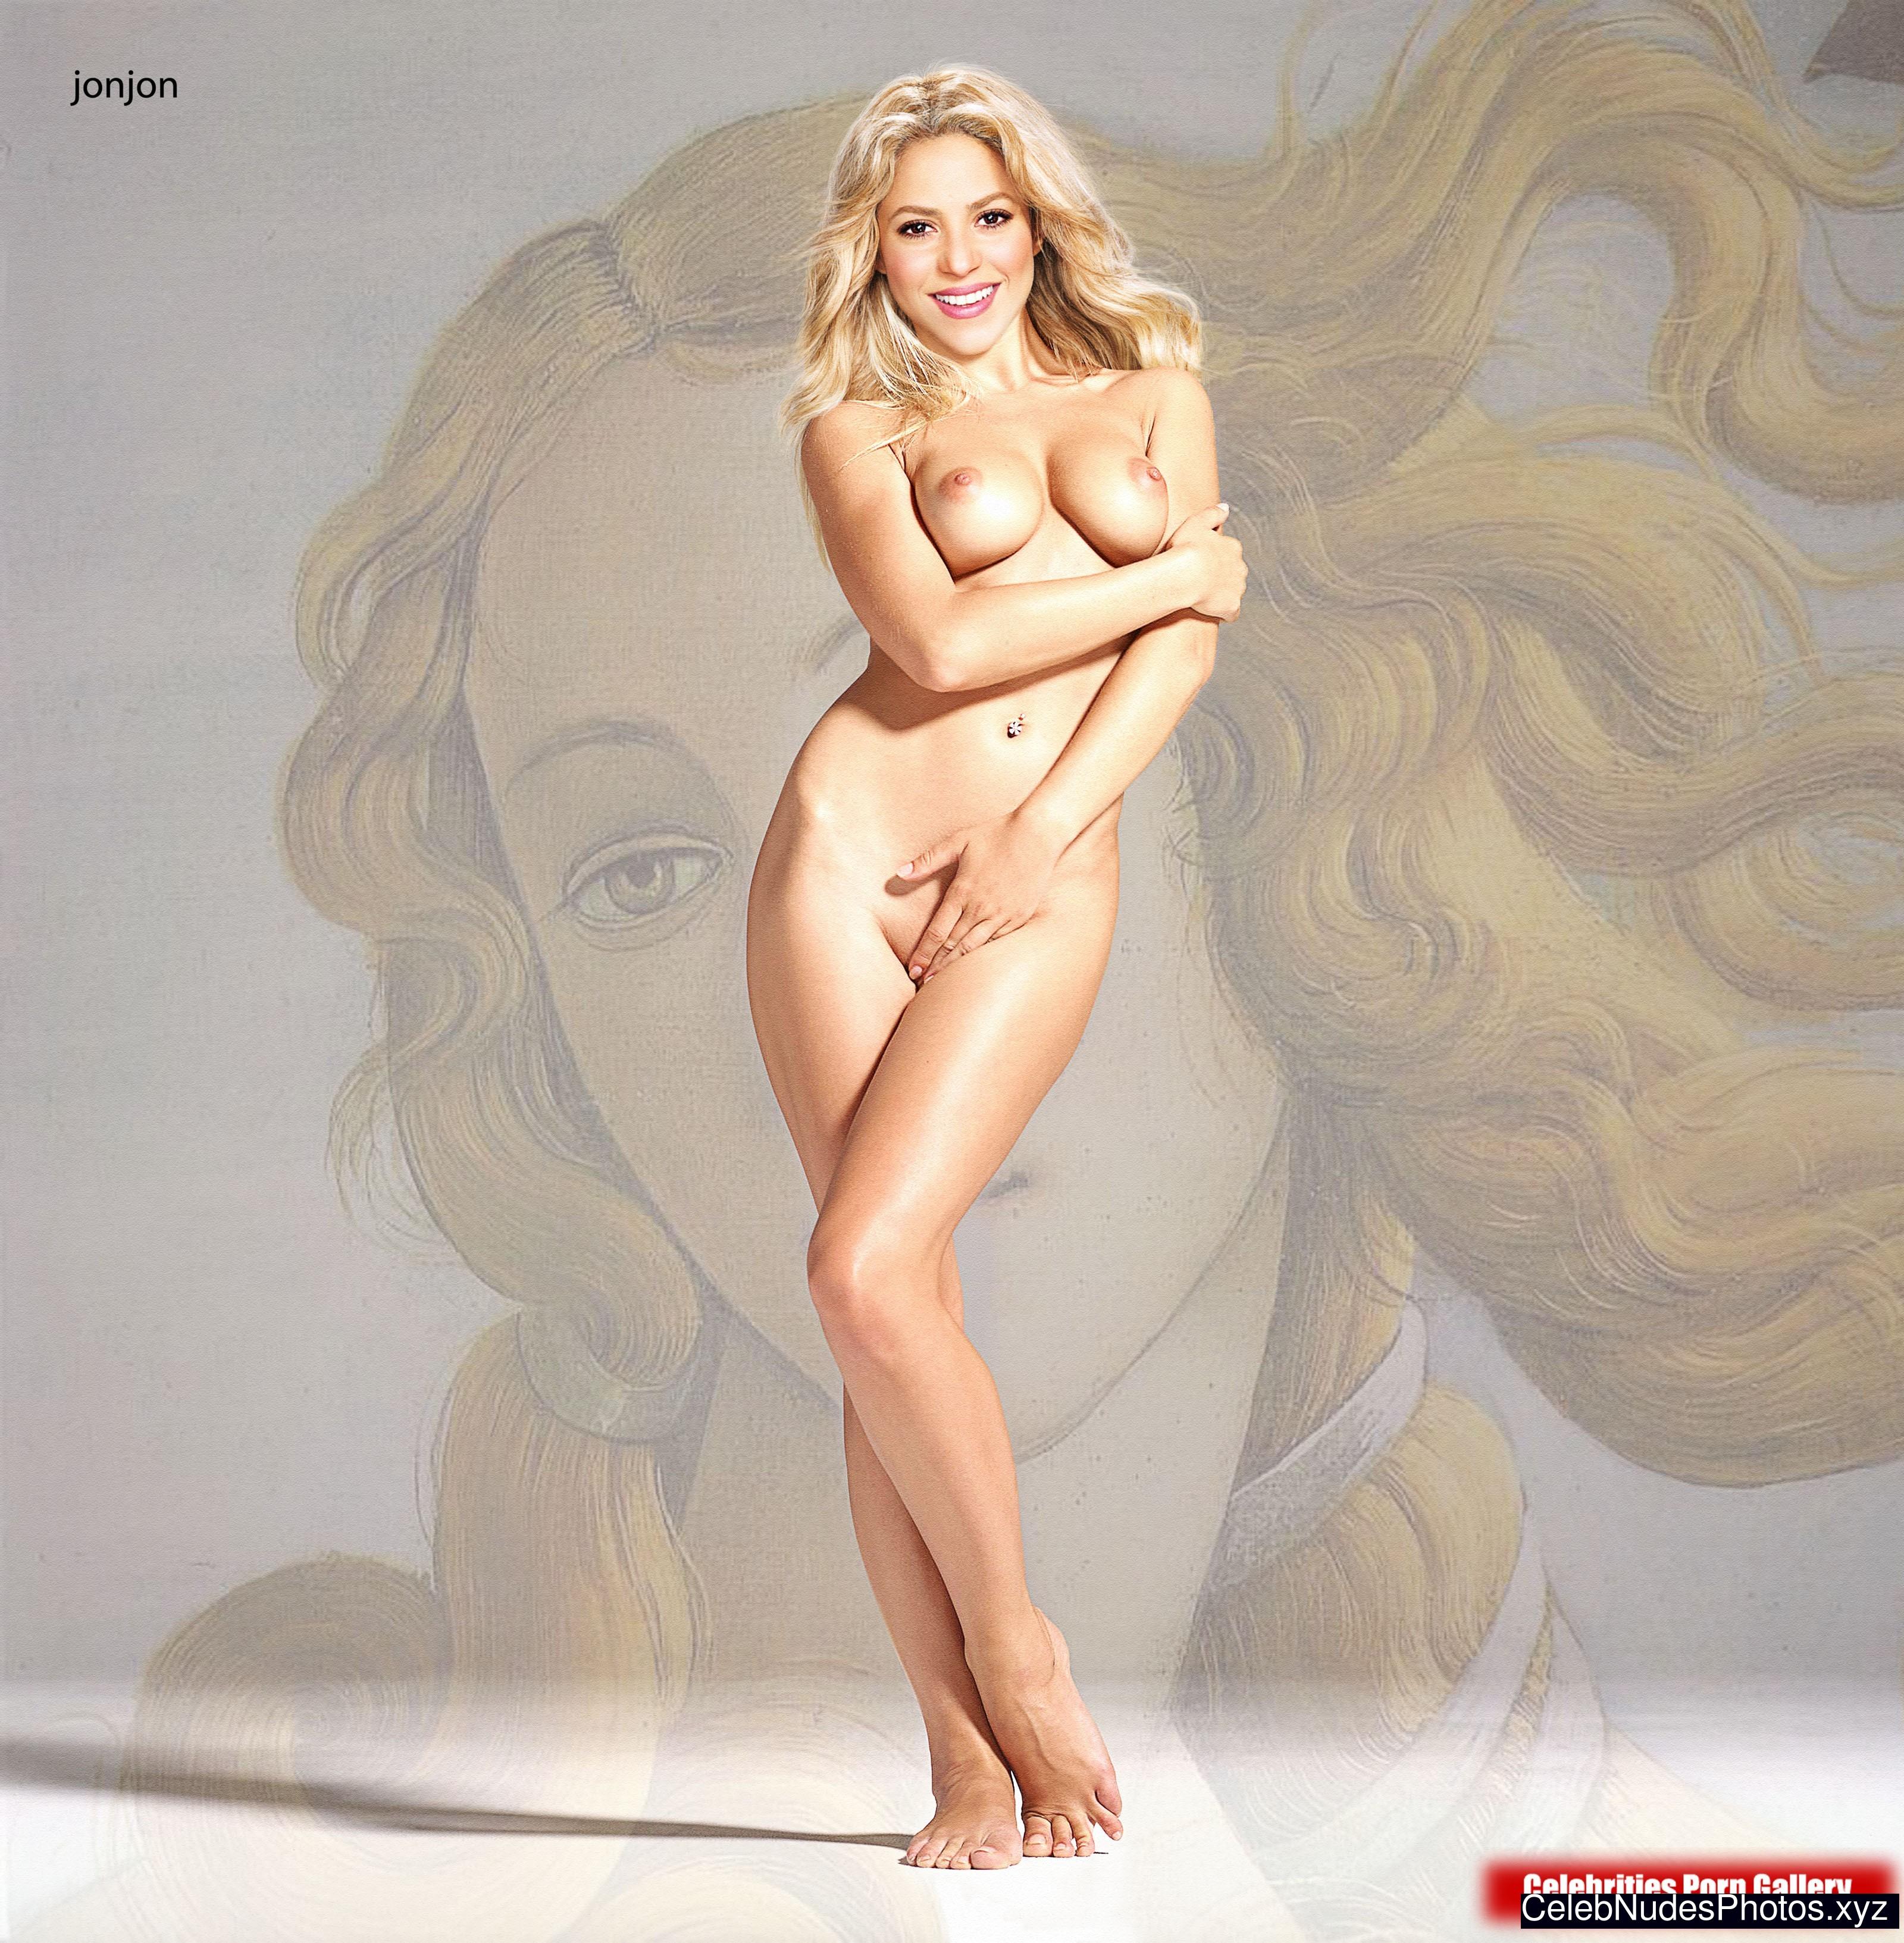 shakira naked images